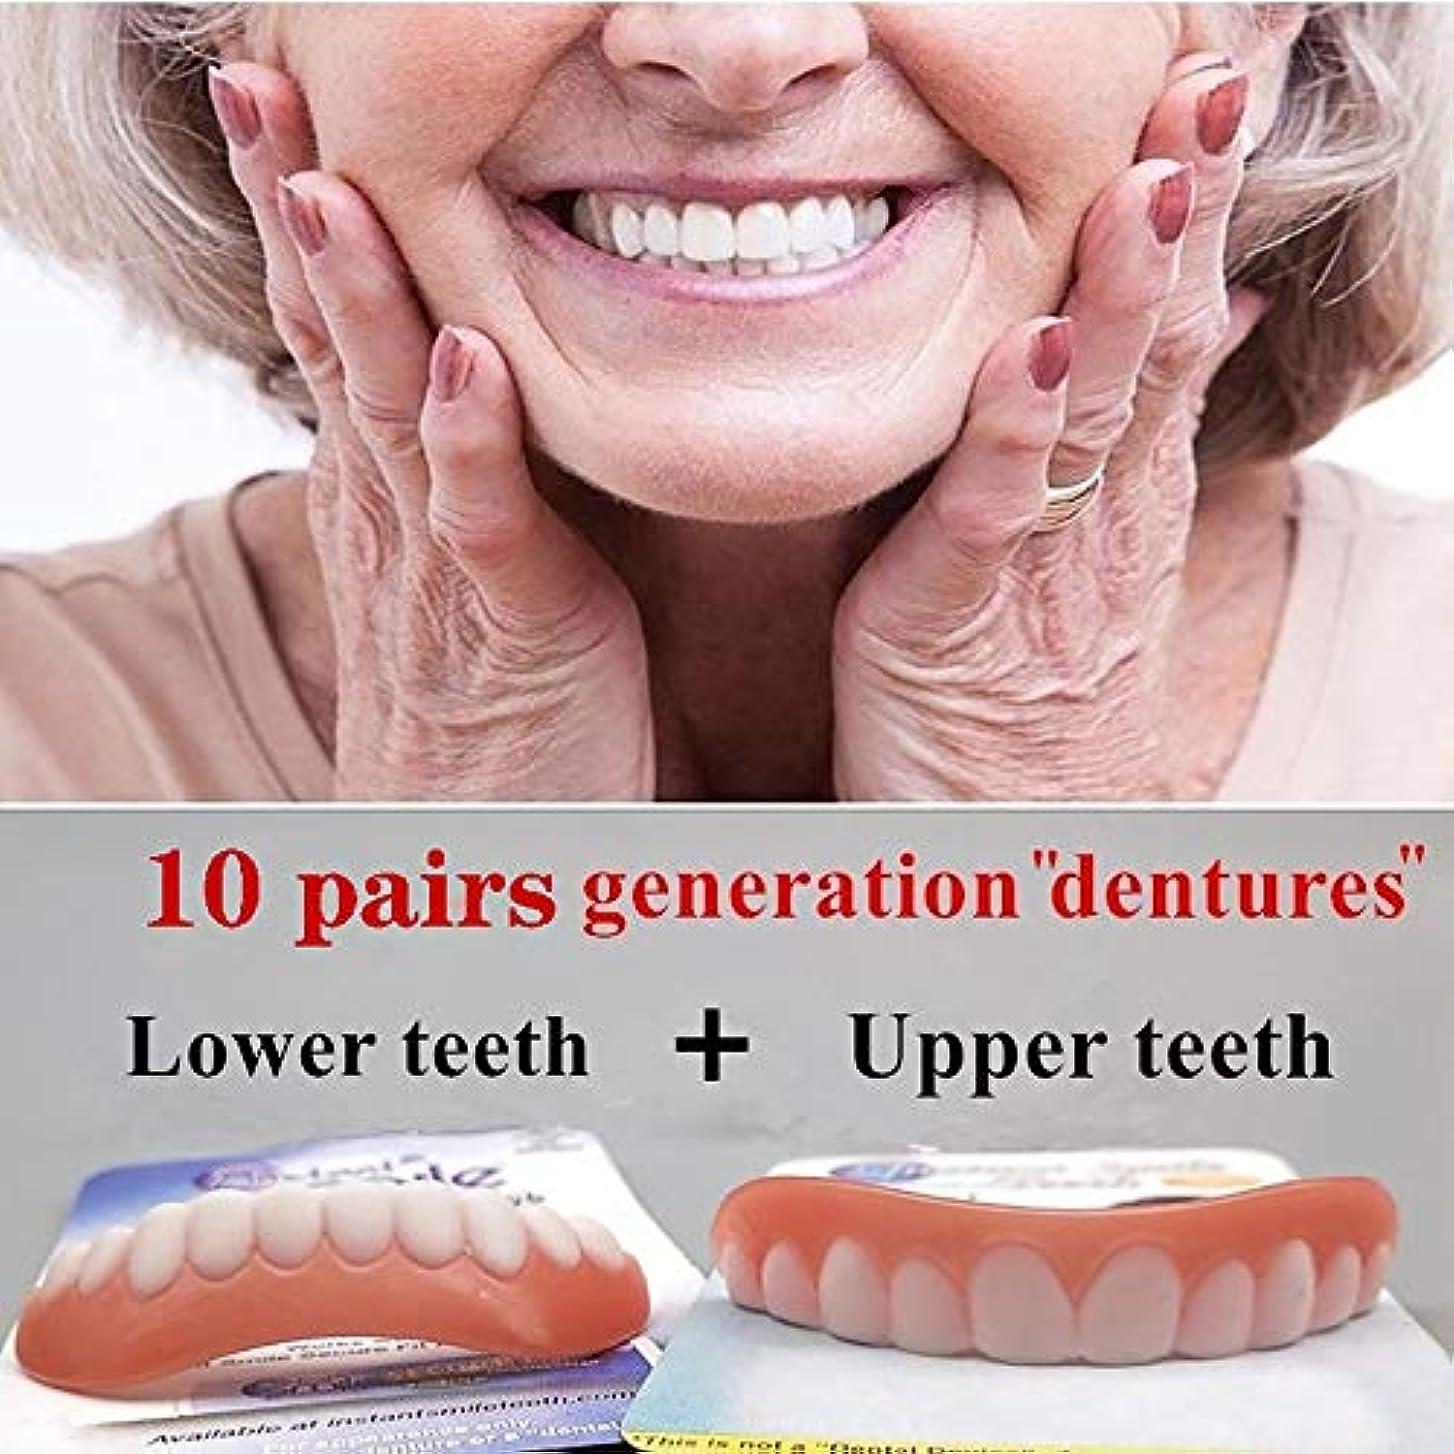 講義解凍する、雪解け、霜解けインタフェース20個の歯の快適さフィットフレックス化粧品の歯義歯の歯のトップ化粧品のベニヤシミュレーションブレース新しい